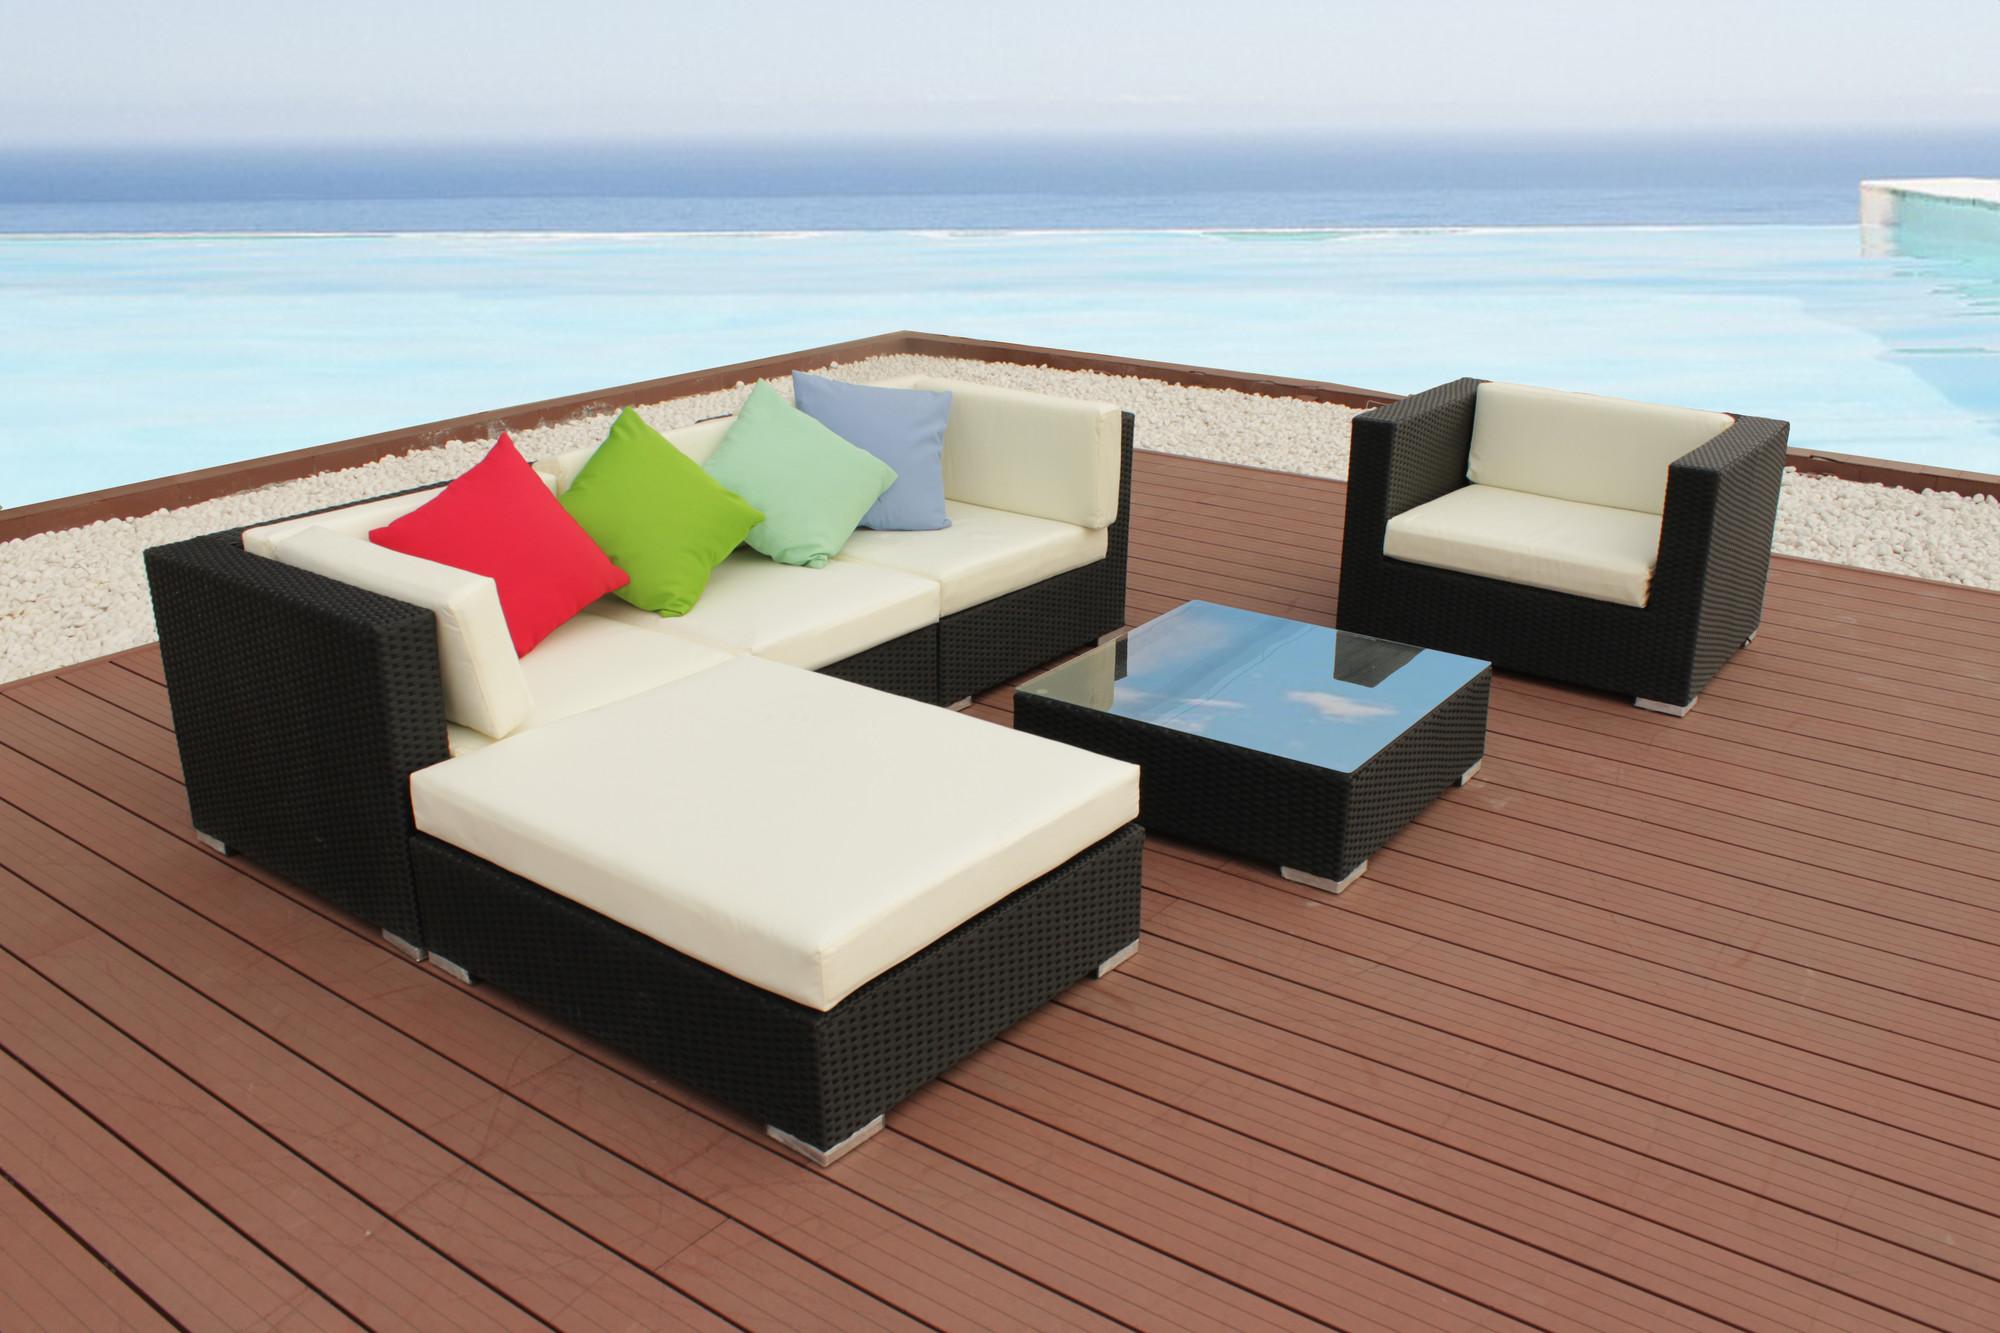 Beeindruckend Lounge Outdoor Ideen Von 6 Piece Ramson Set